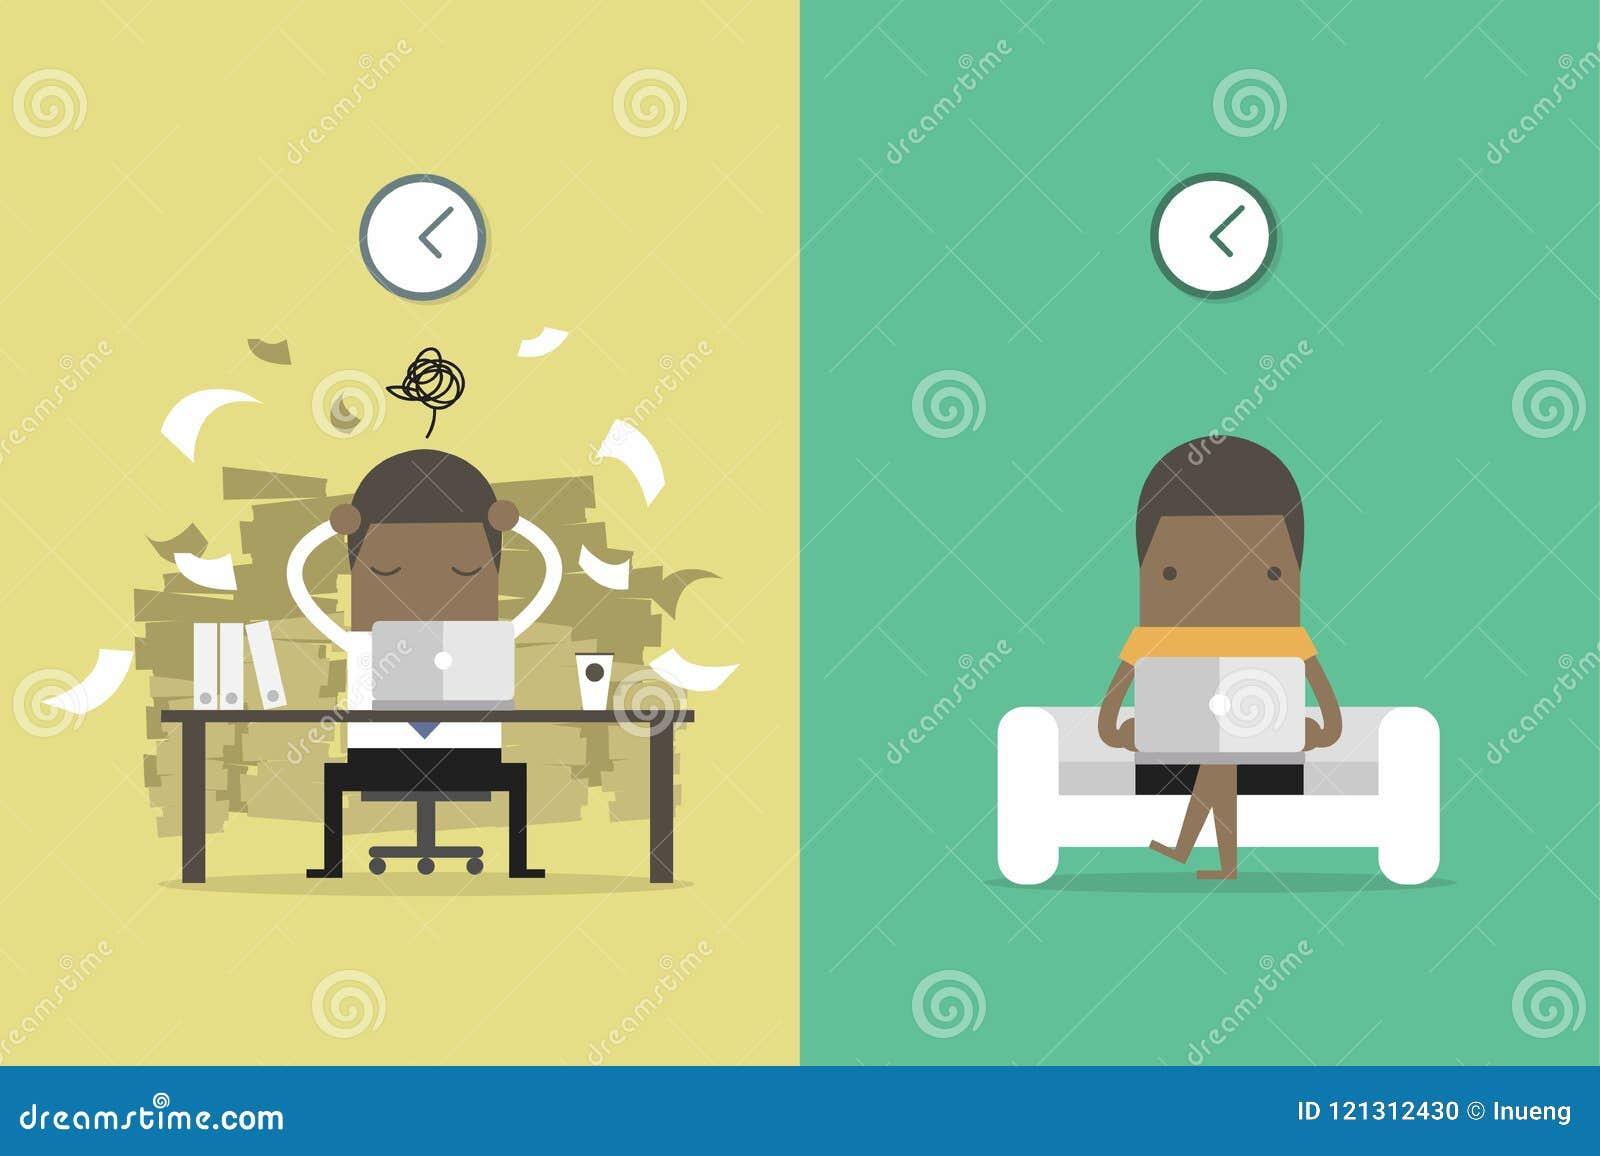 非洲商人从其他人民得到反馈 非洲商人和自由职业者的生活 企业概念动画片